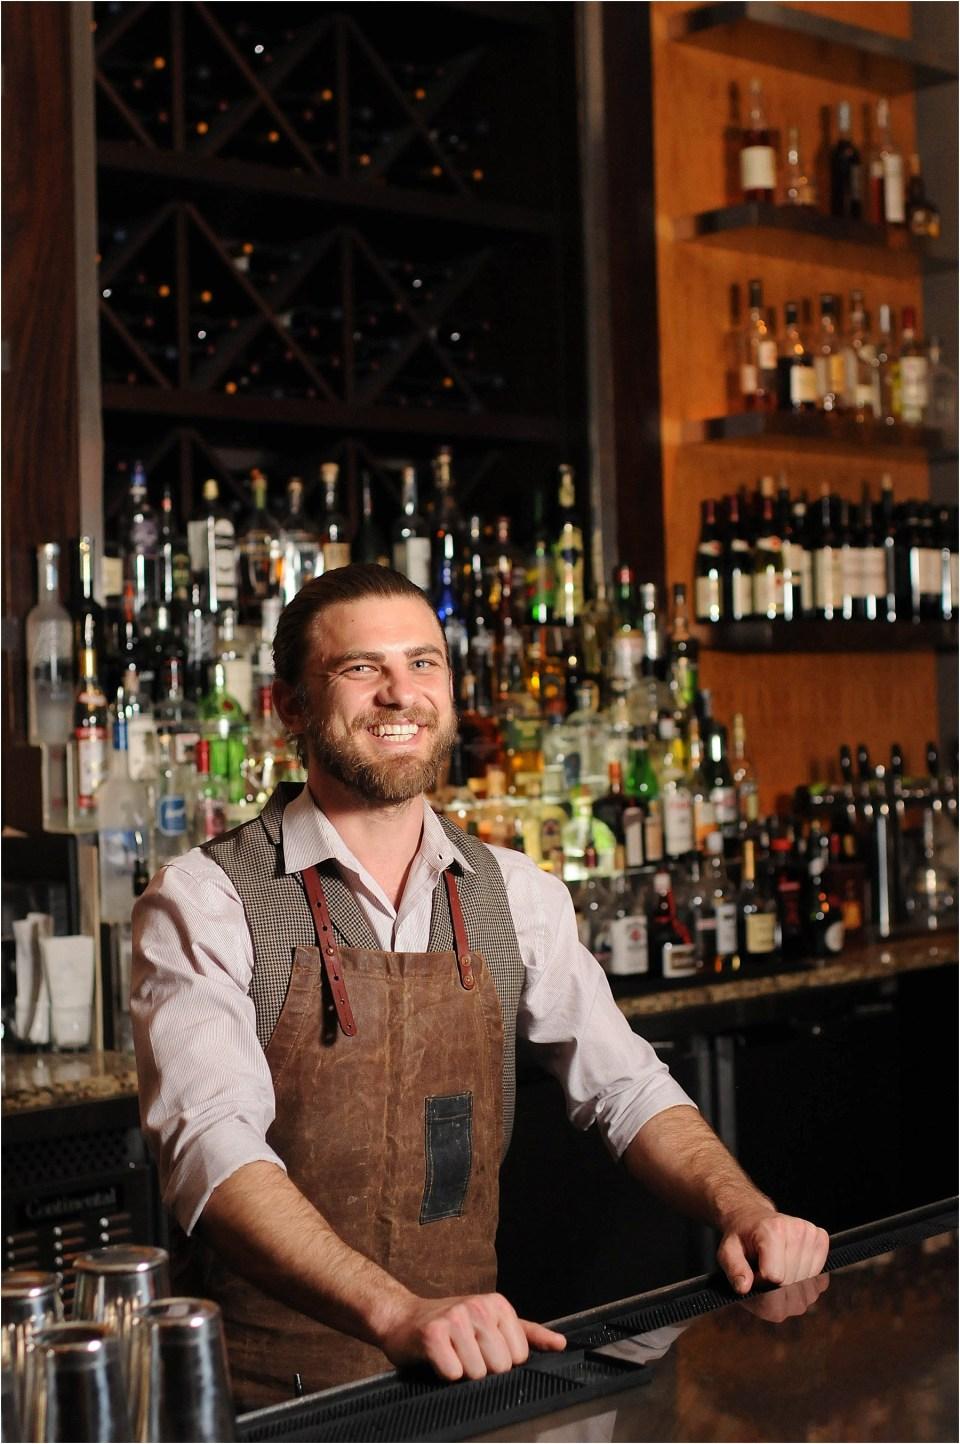 Poste in Hotel Monaco Bartender Justin Hampton1